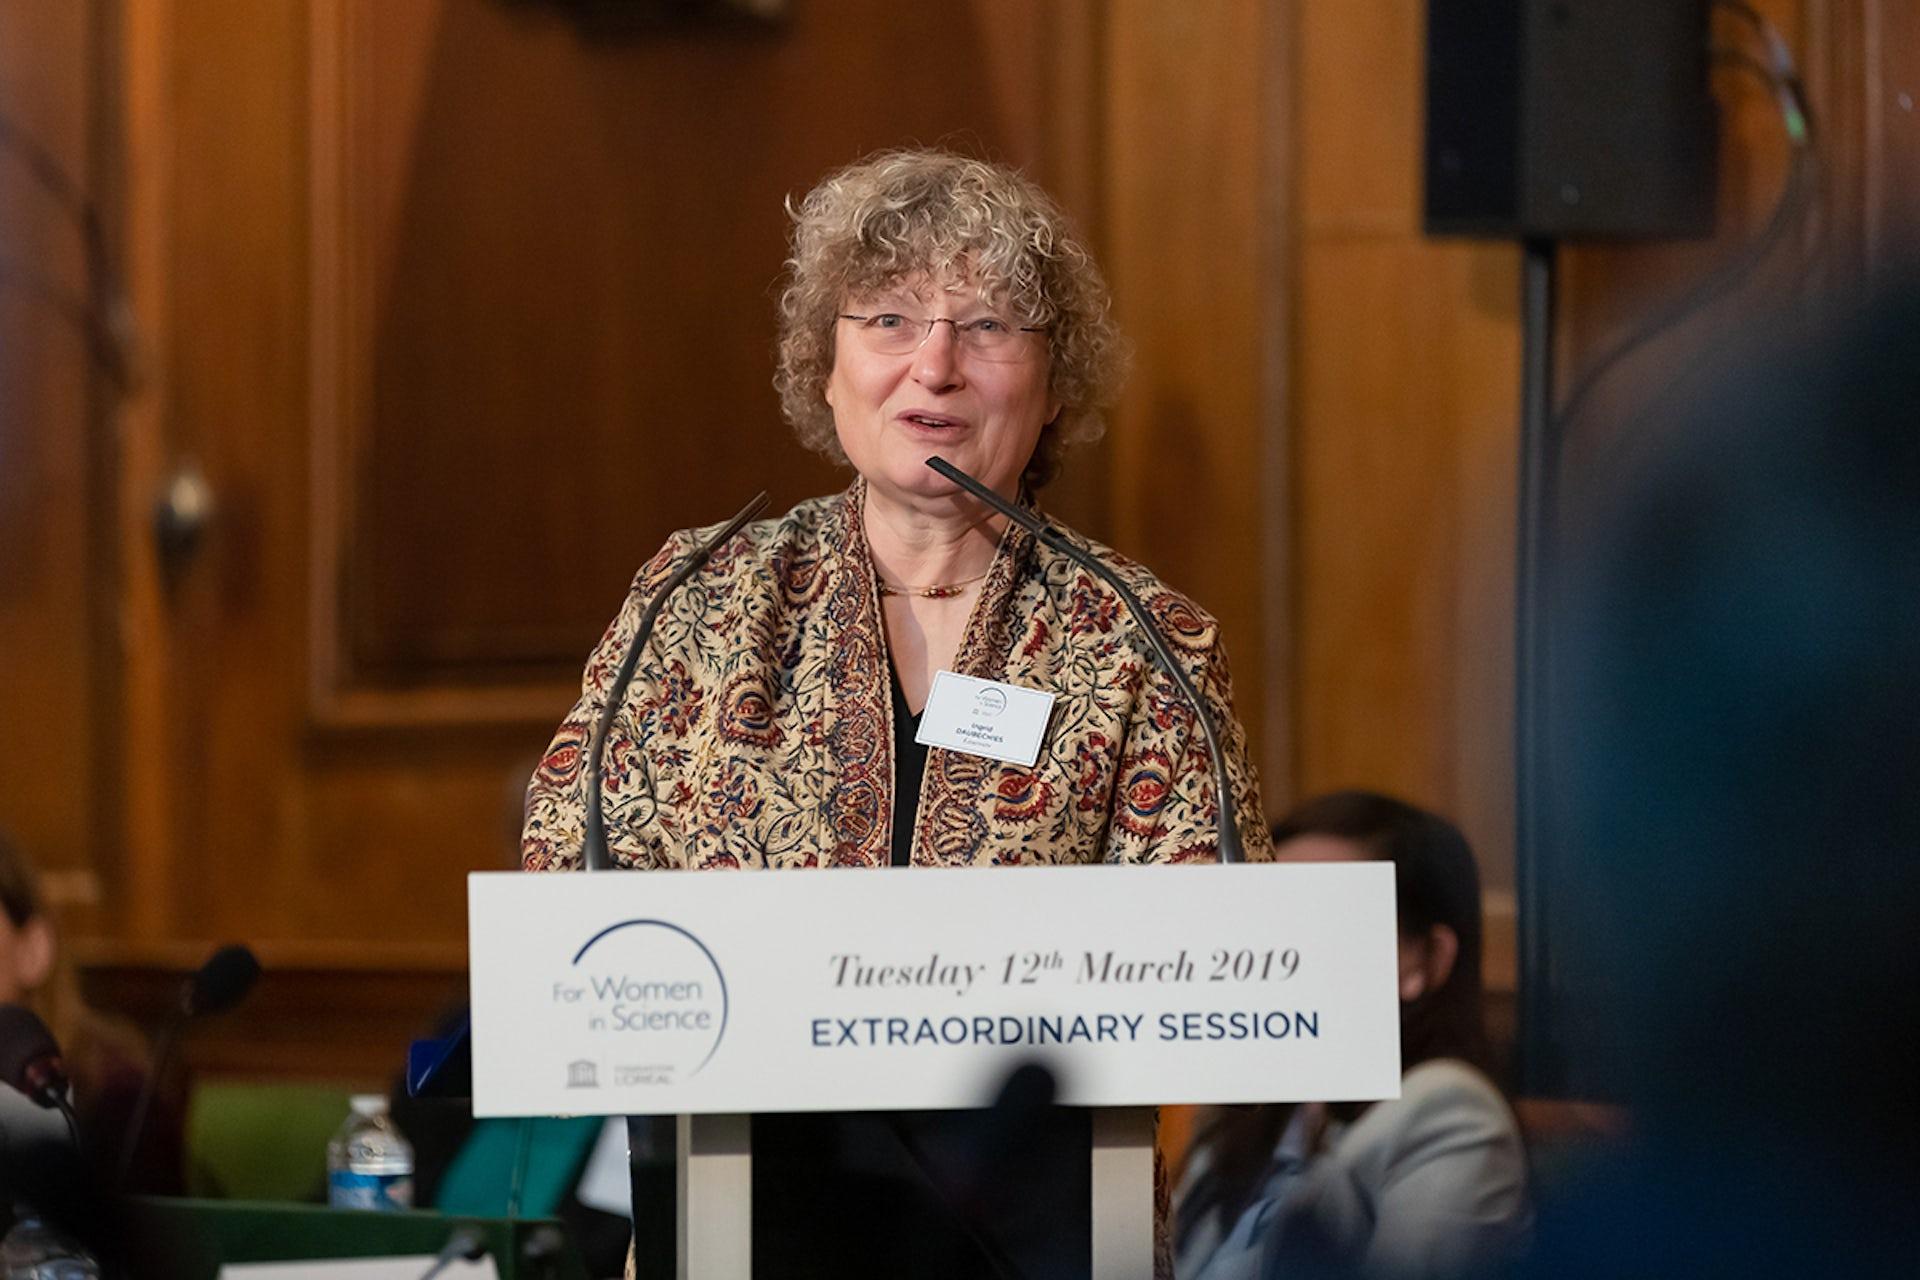 Qui est Ingrid Daubechies, prix L'Oréal-Unesco pour les femmes et la science ?